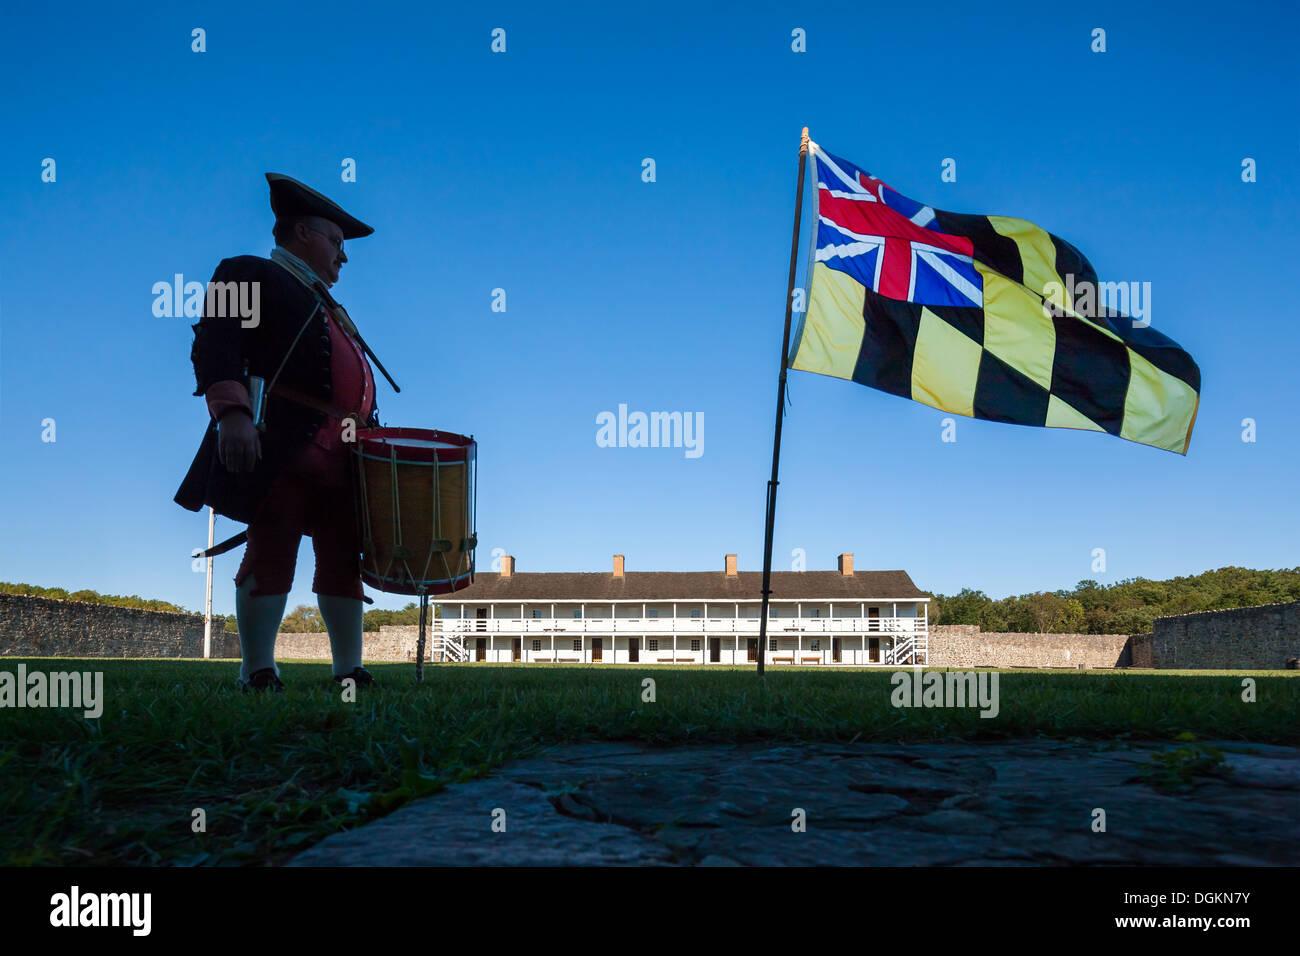 Storico di vita quotidiana in Fort Frederick Maryland volontario batterista di epoca coloniale Maryland bandiera e caserma est. Immagini Stock